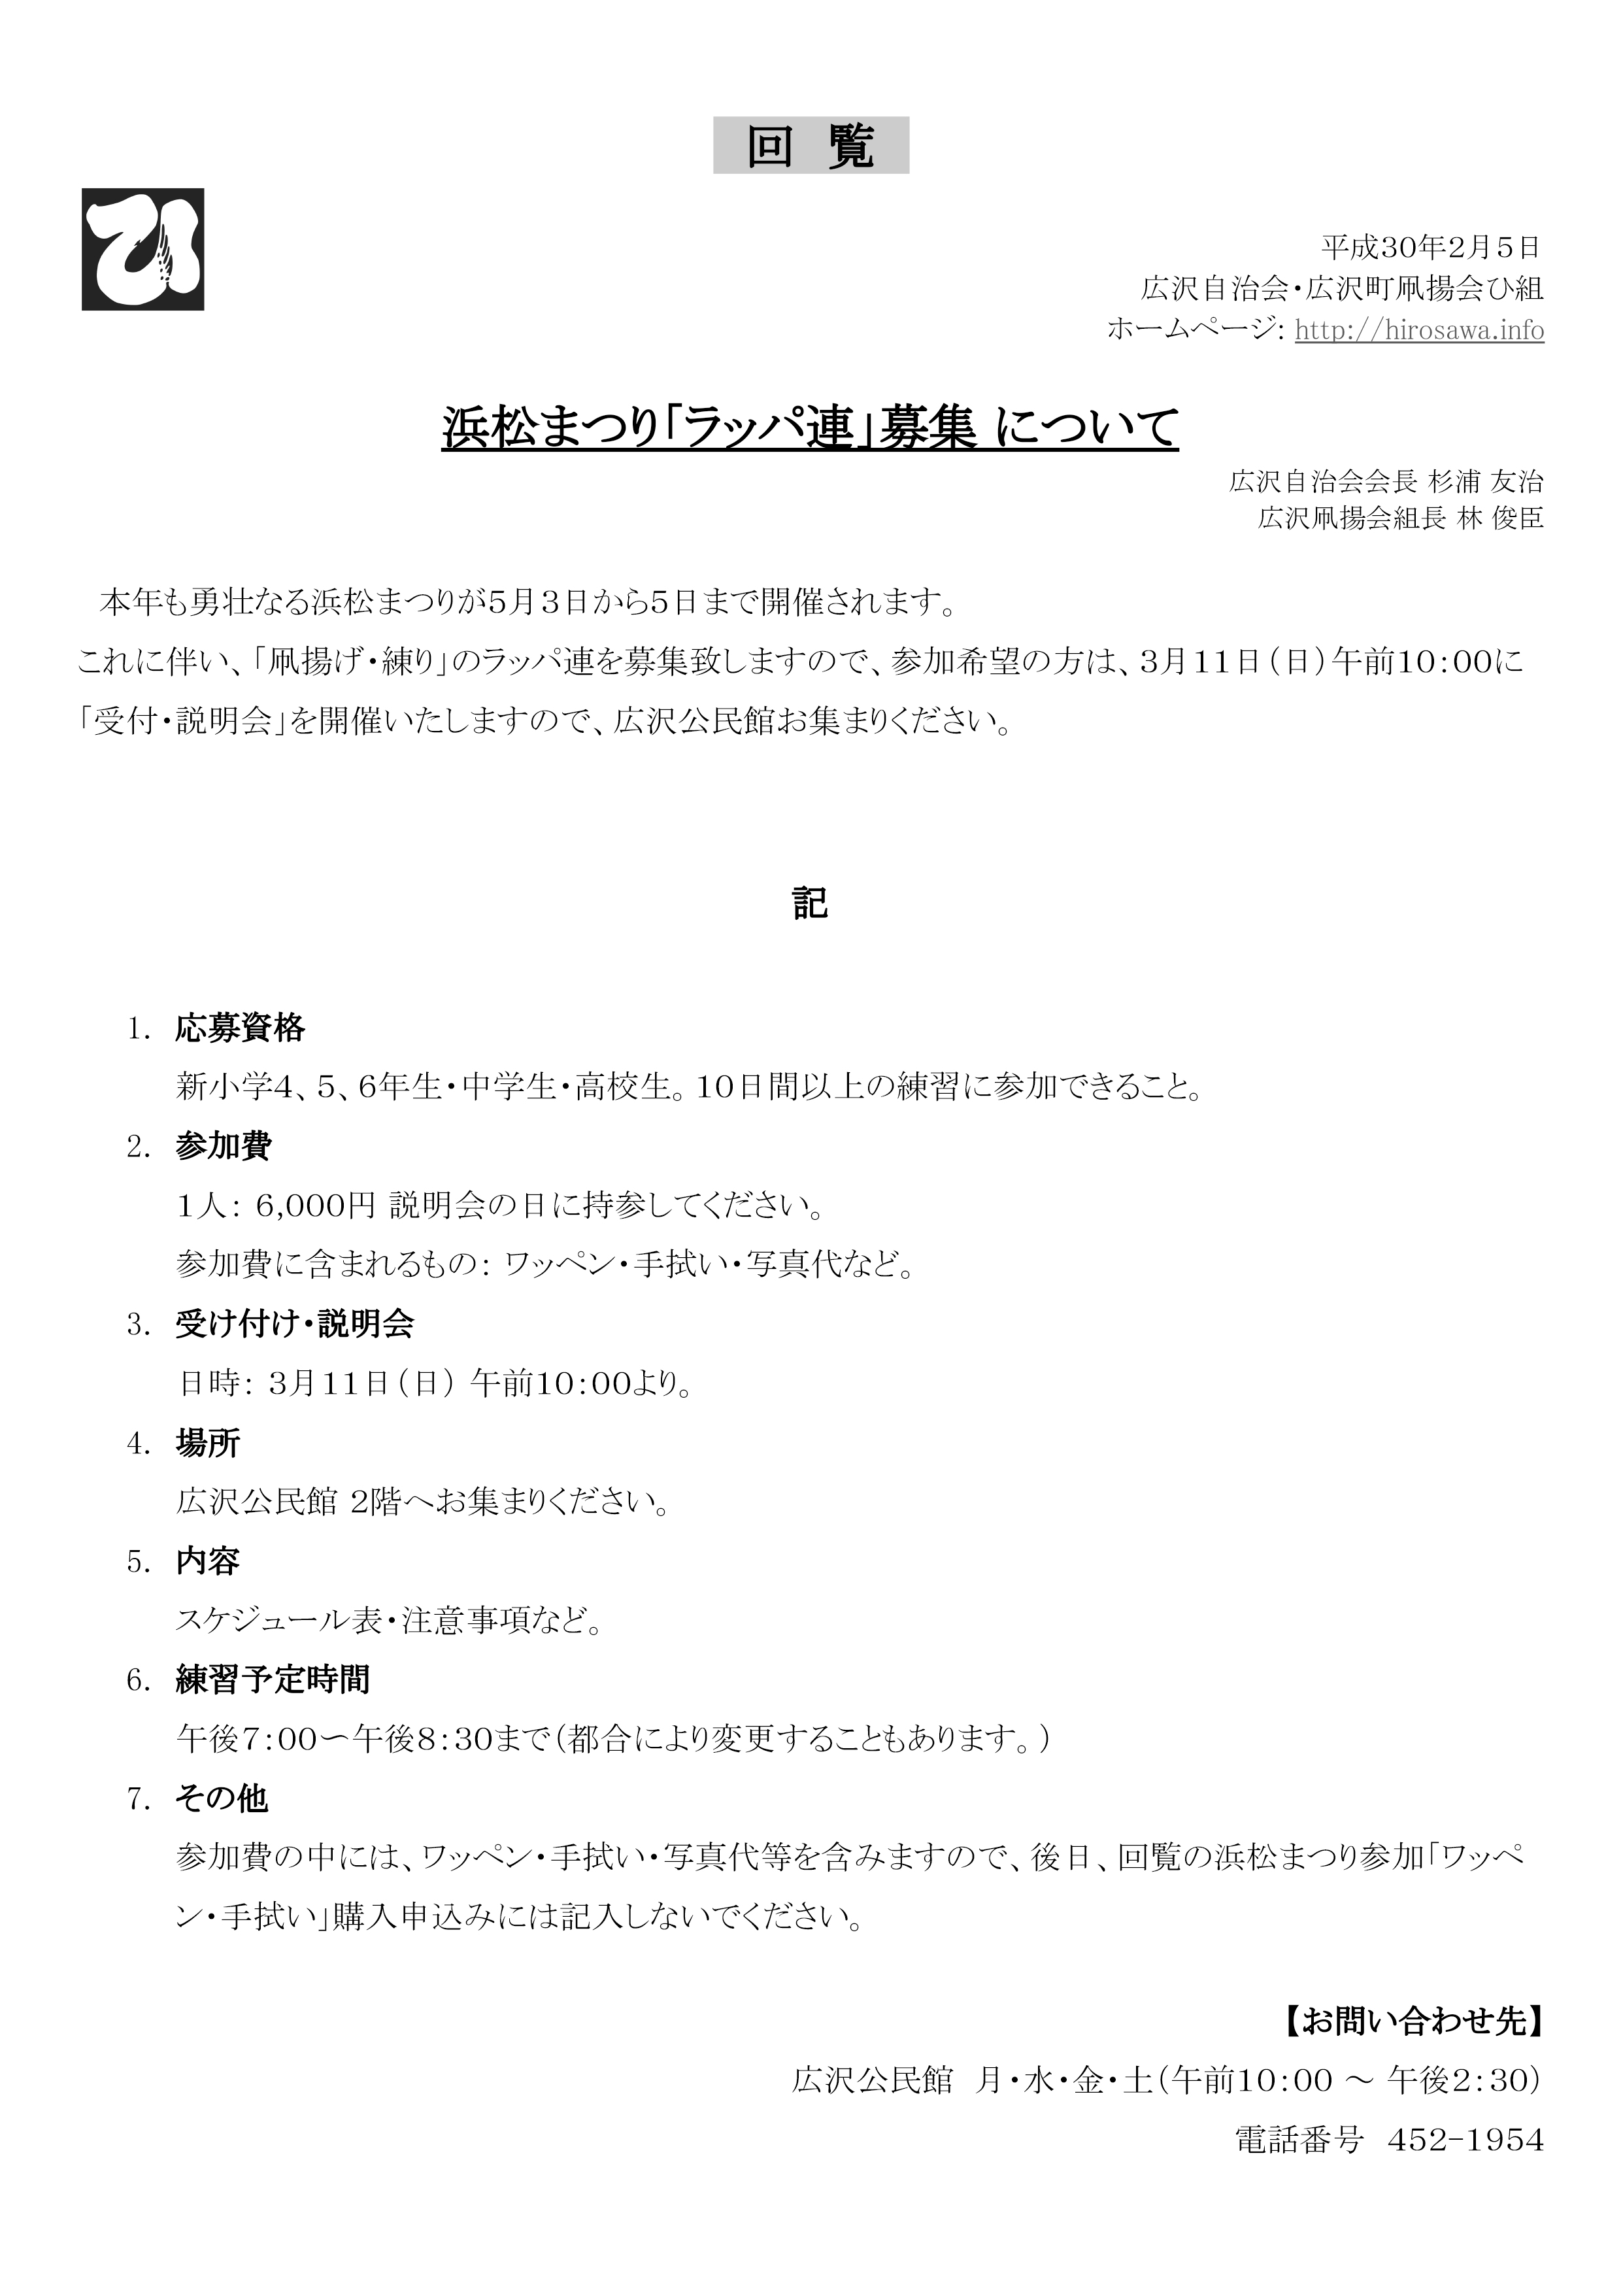 【回覧資料 平成30年2月5日】ラッパ連募集・提灯張替のご注文・初祝いについて